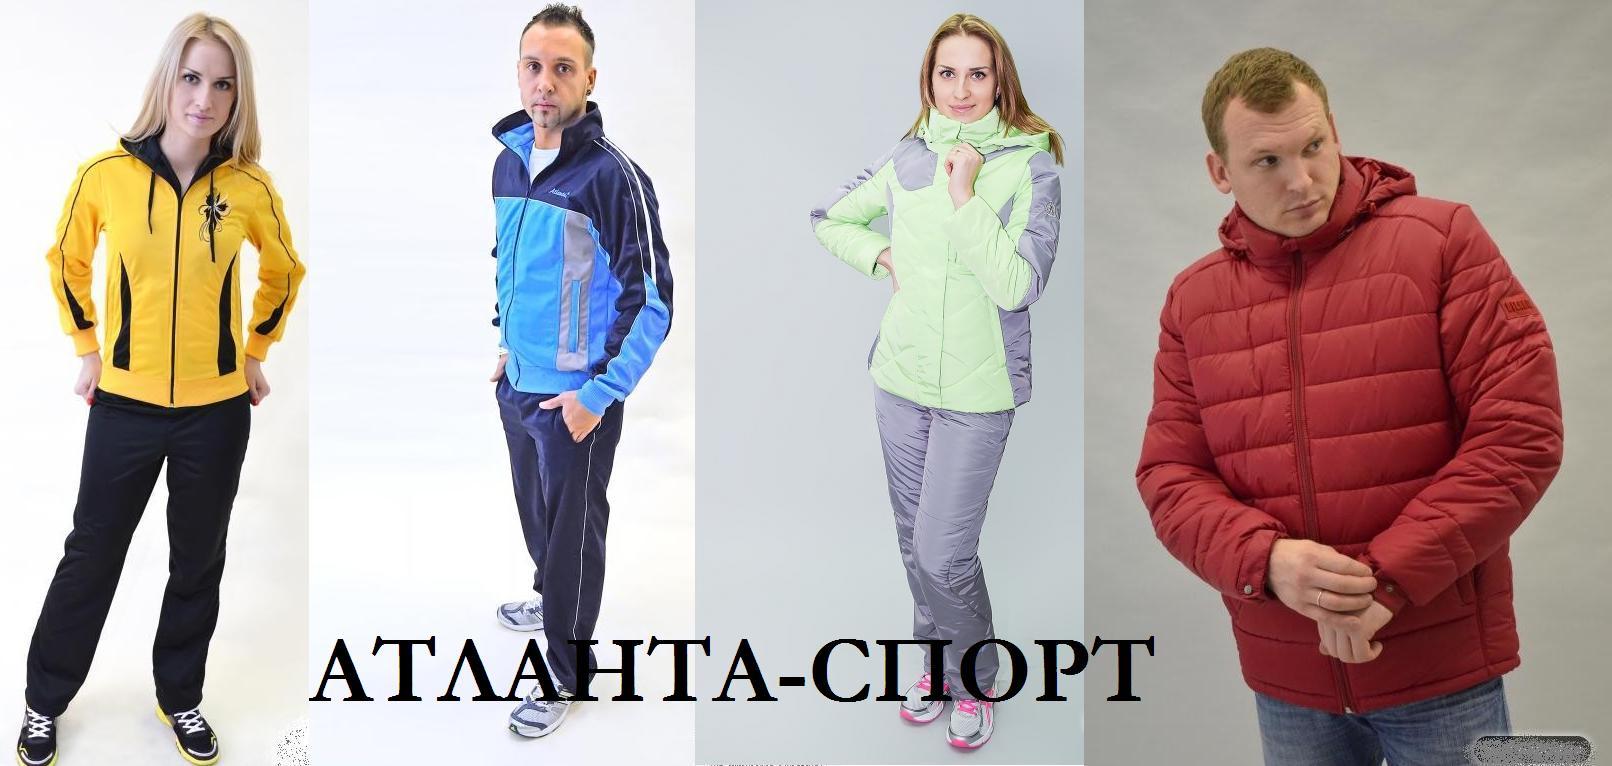 Атлaнтa Cпopт-47. Самые теплые женские и мужские зимние костюмы, куртки для мальчиков до -40гр. Спортивные костюмы для всей семьи от 32 до 60-го р-ра. Новинки: мембрана+омни-хит! Оооочень низкие цены! Отличные отзывы! Без рядов!